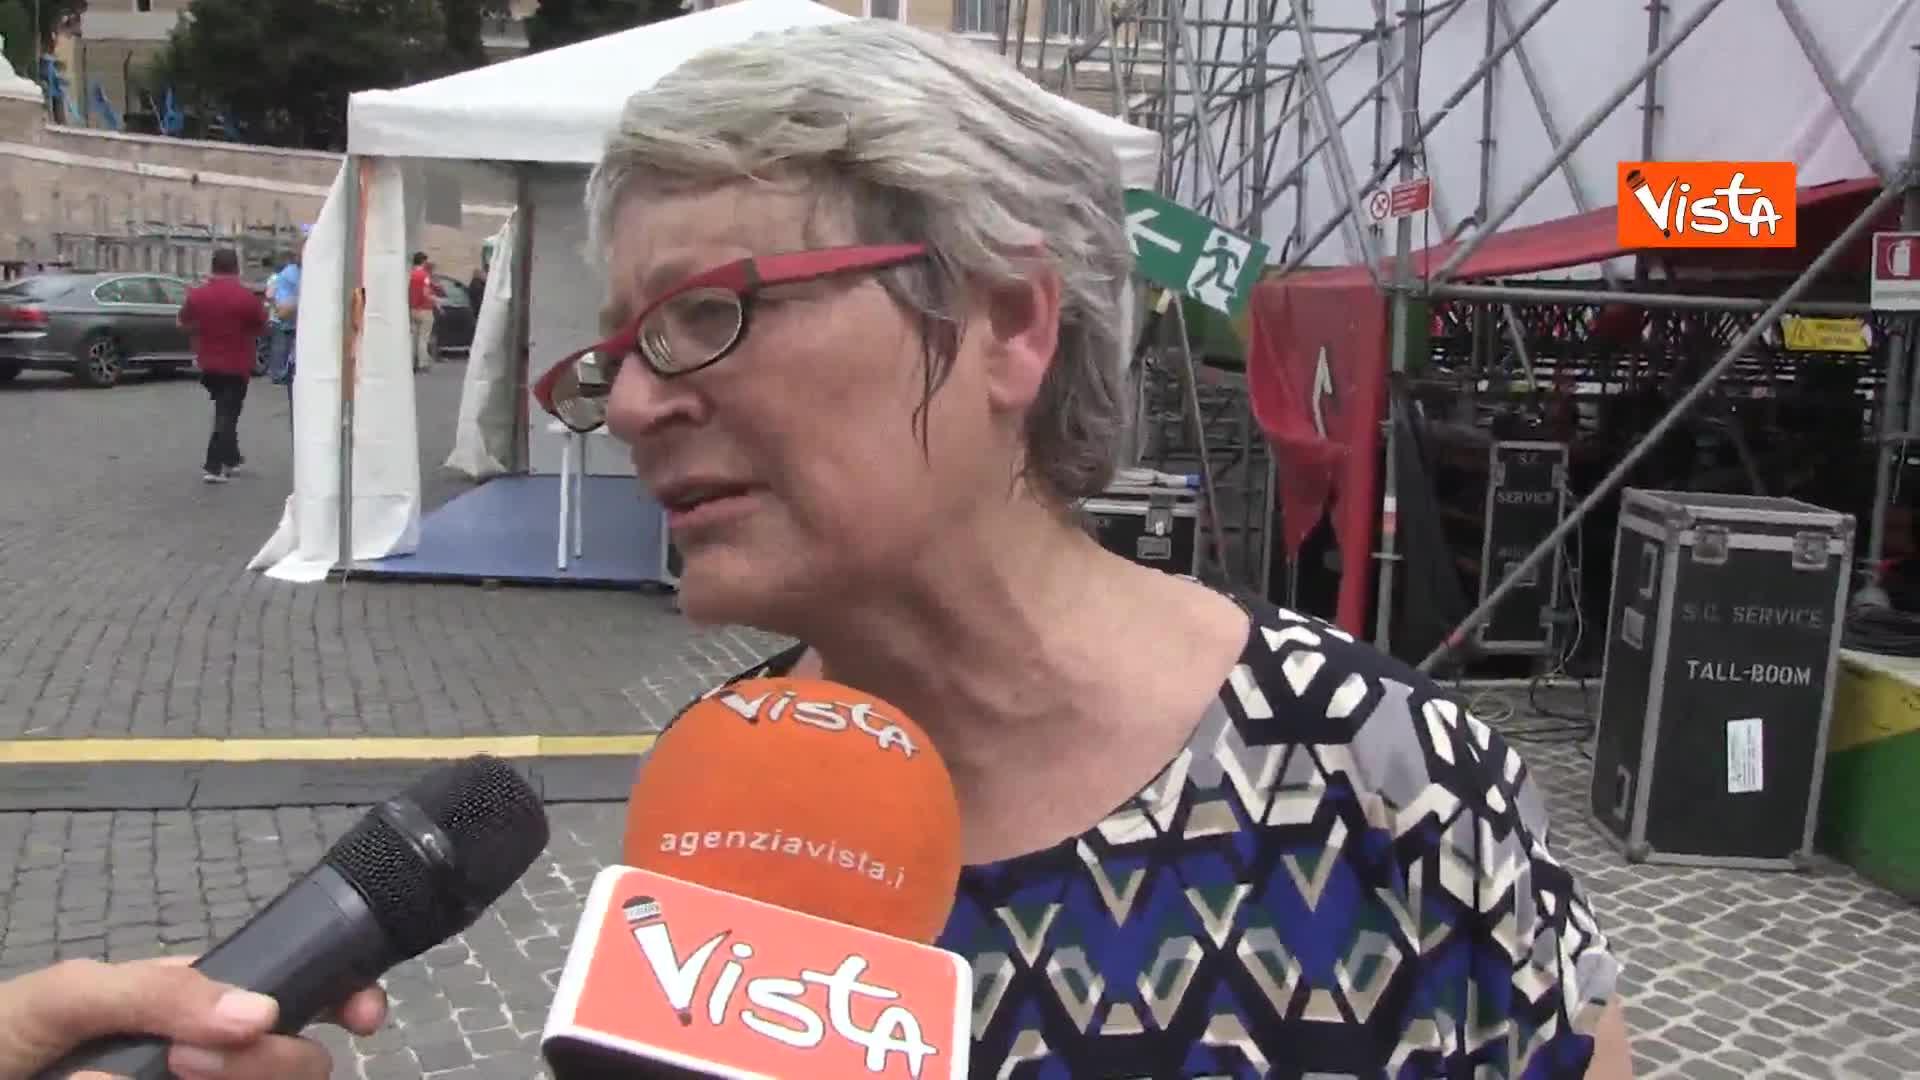 """Sindacati in piazza per servizi pubblici, Furlan: """"Governo faccia datore lavoro, servono assunzioni"""""""